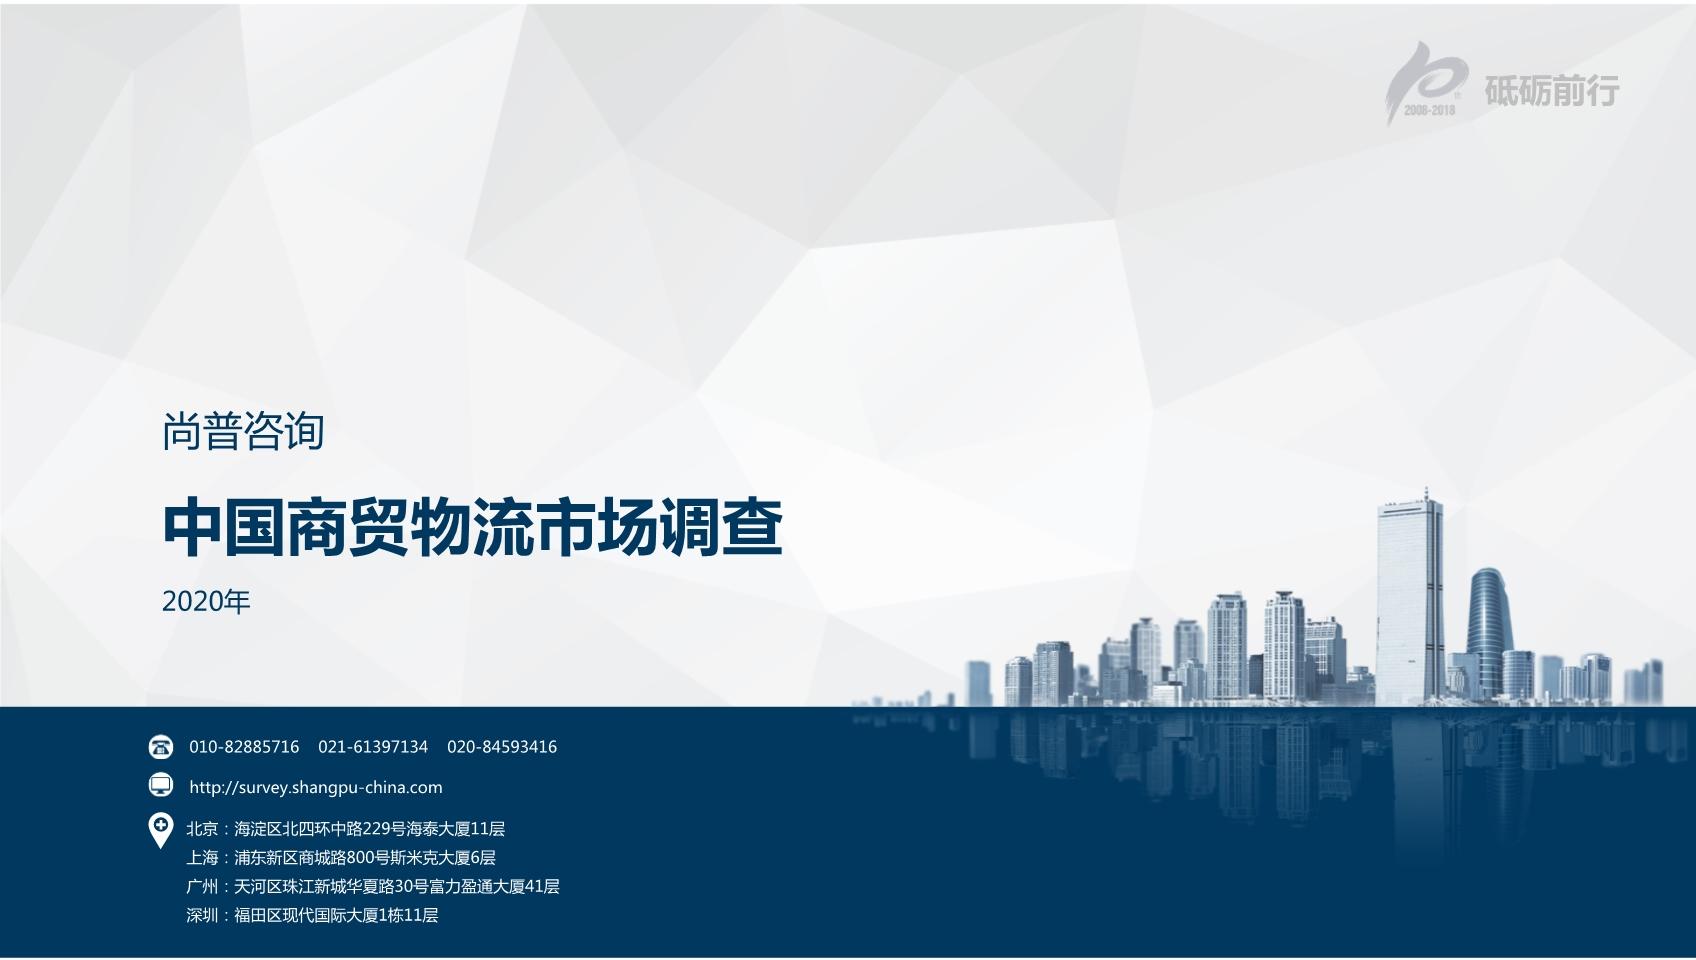 尚普咨询:2020年中国商贸物流市场调查